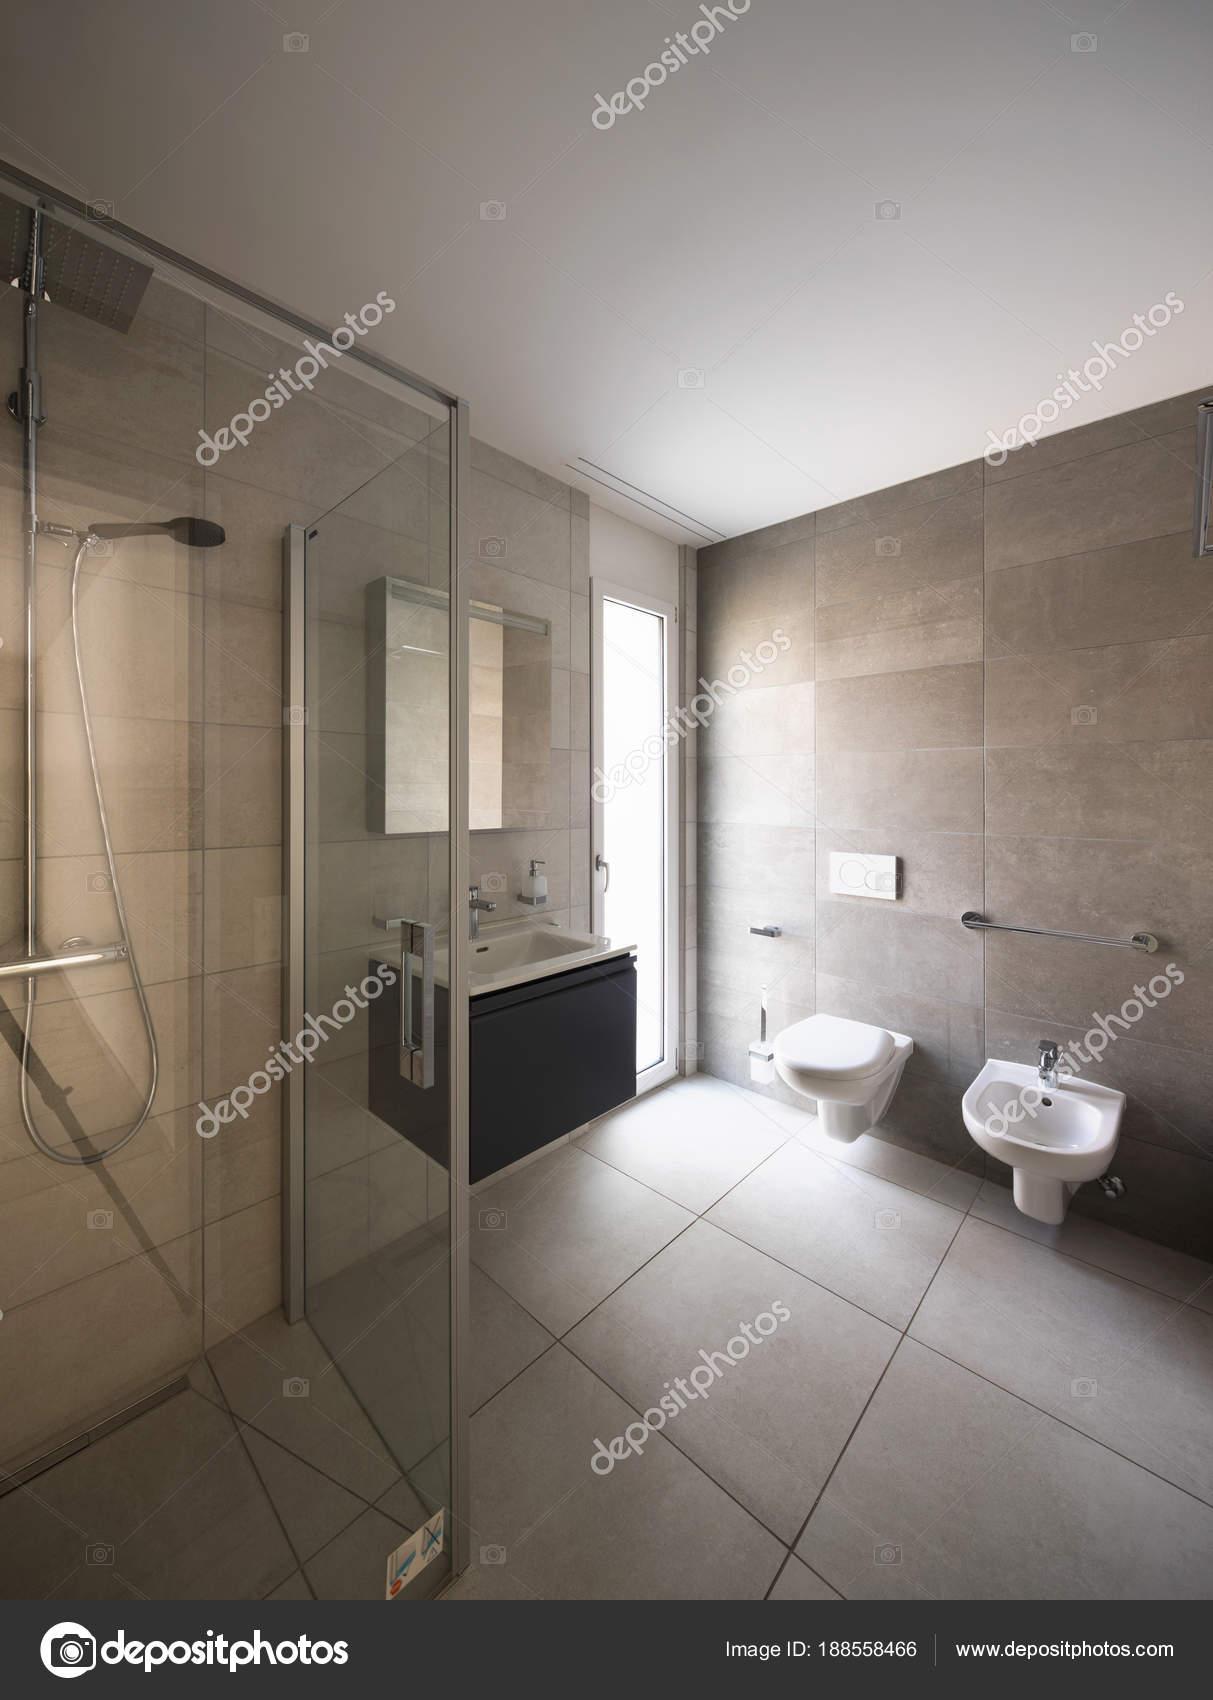 Modernes Bad Mit Marmor In Einer Modernen Wohnung U2014 Stockfoto